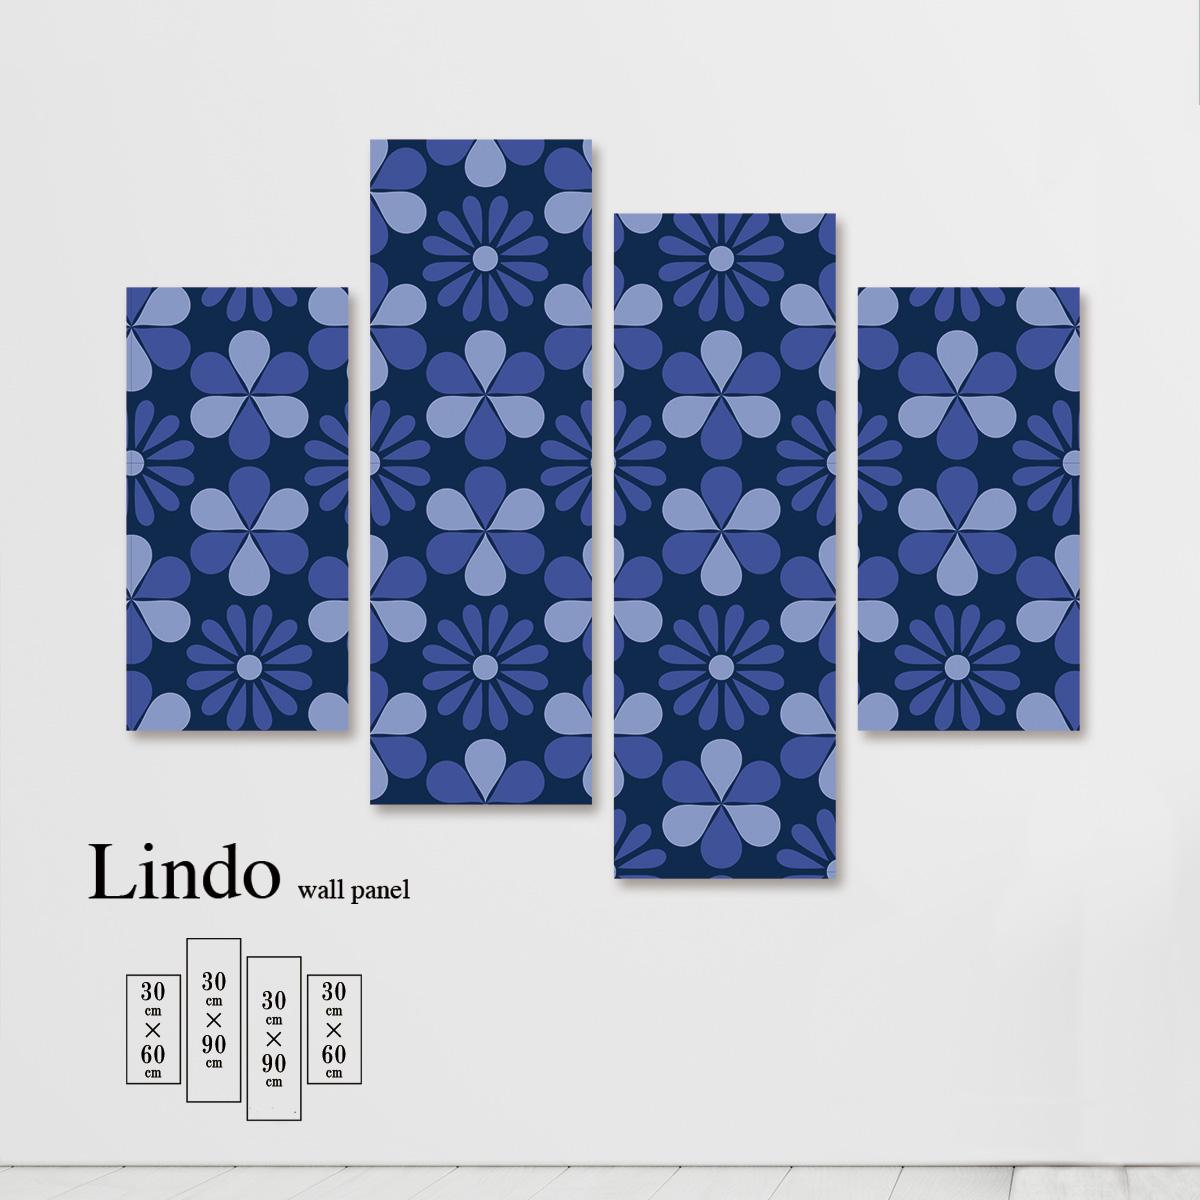 アートパネル 花 フラワー 小花 花びら 花柄 植物 ブルー ネイビー 壁掛け 北欧 お洒落 デザイン ファブリック 壁飾り アートボード 4枚パネル